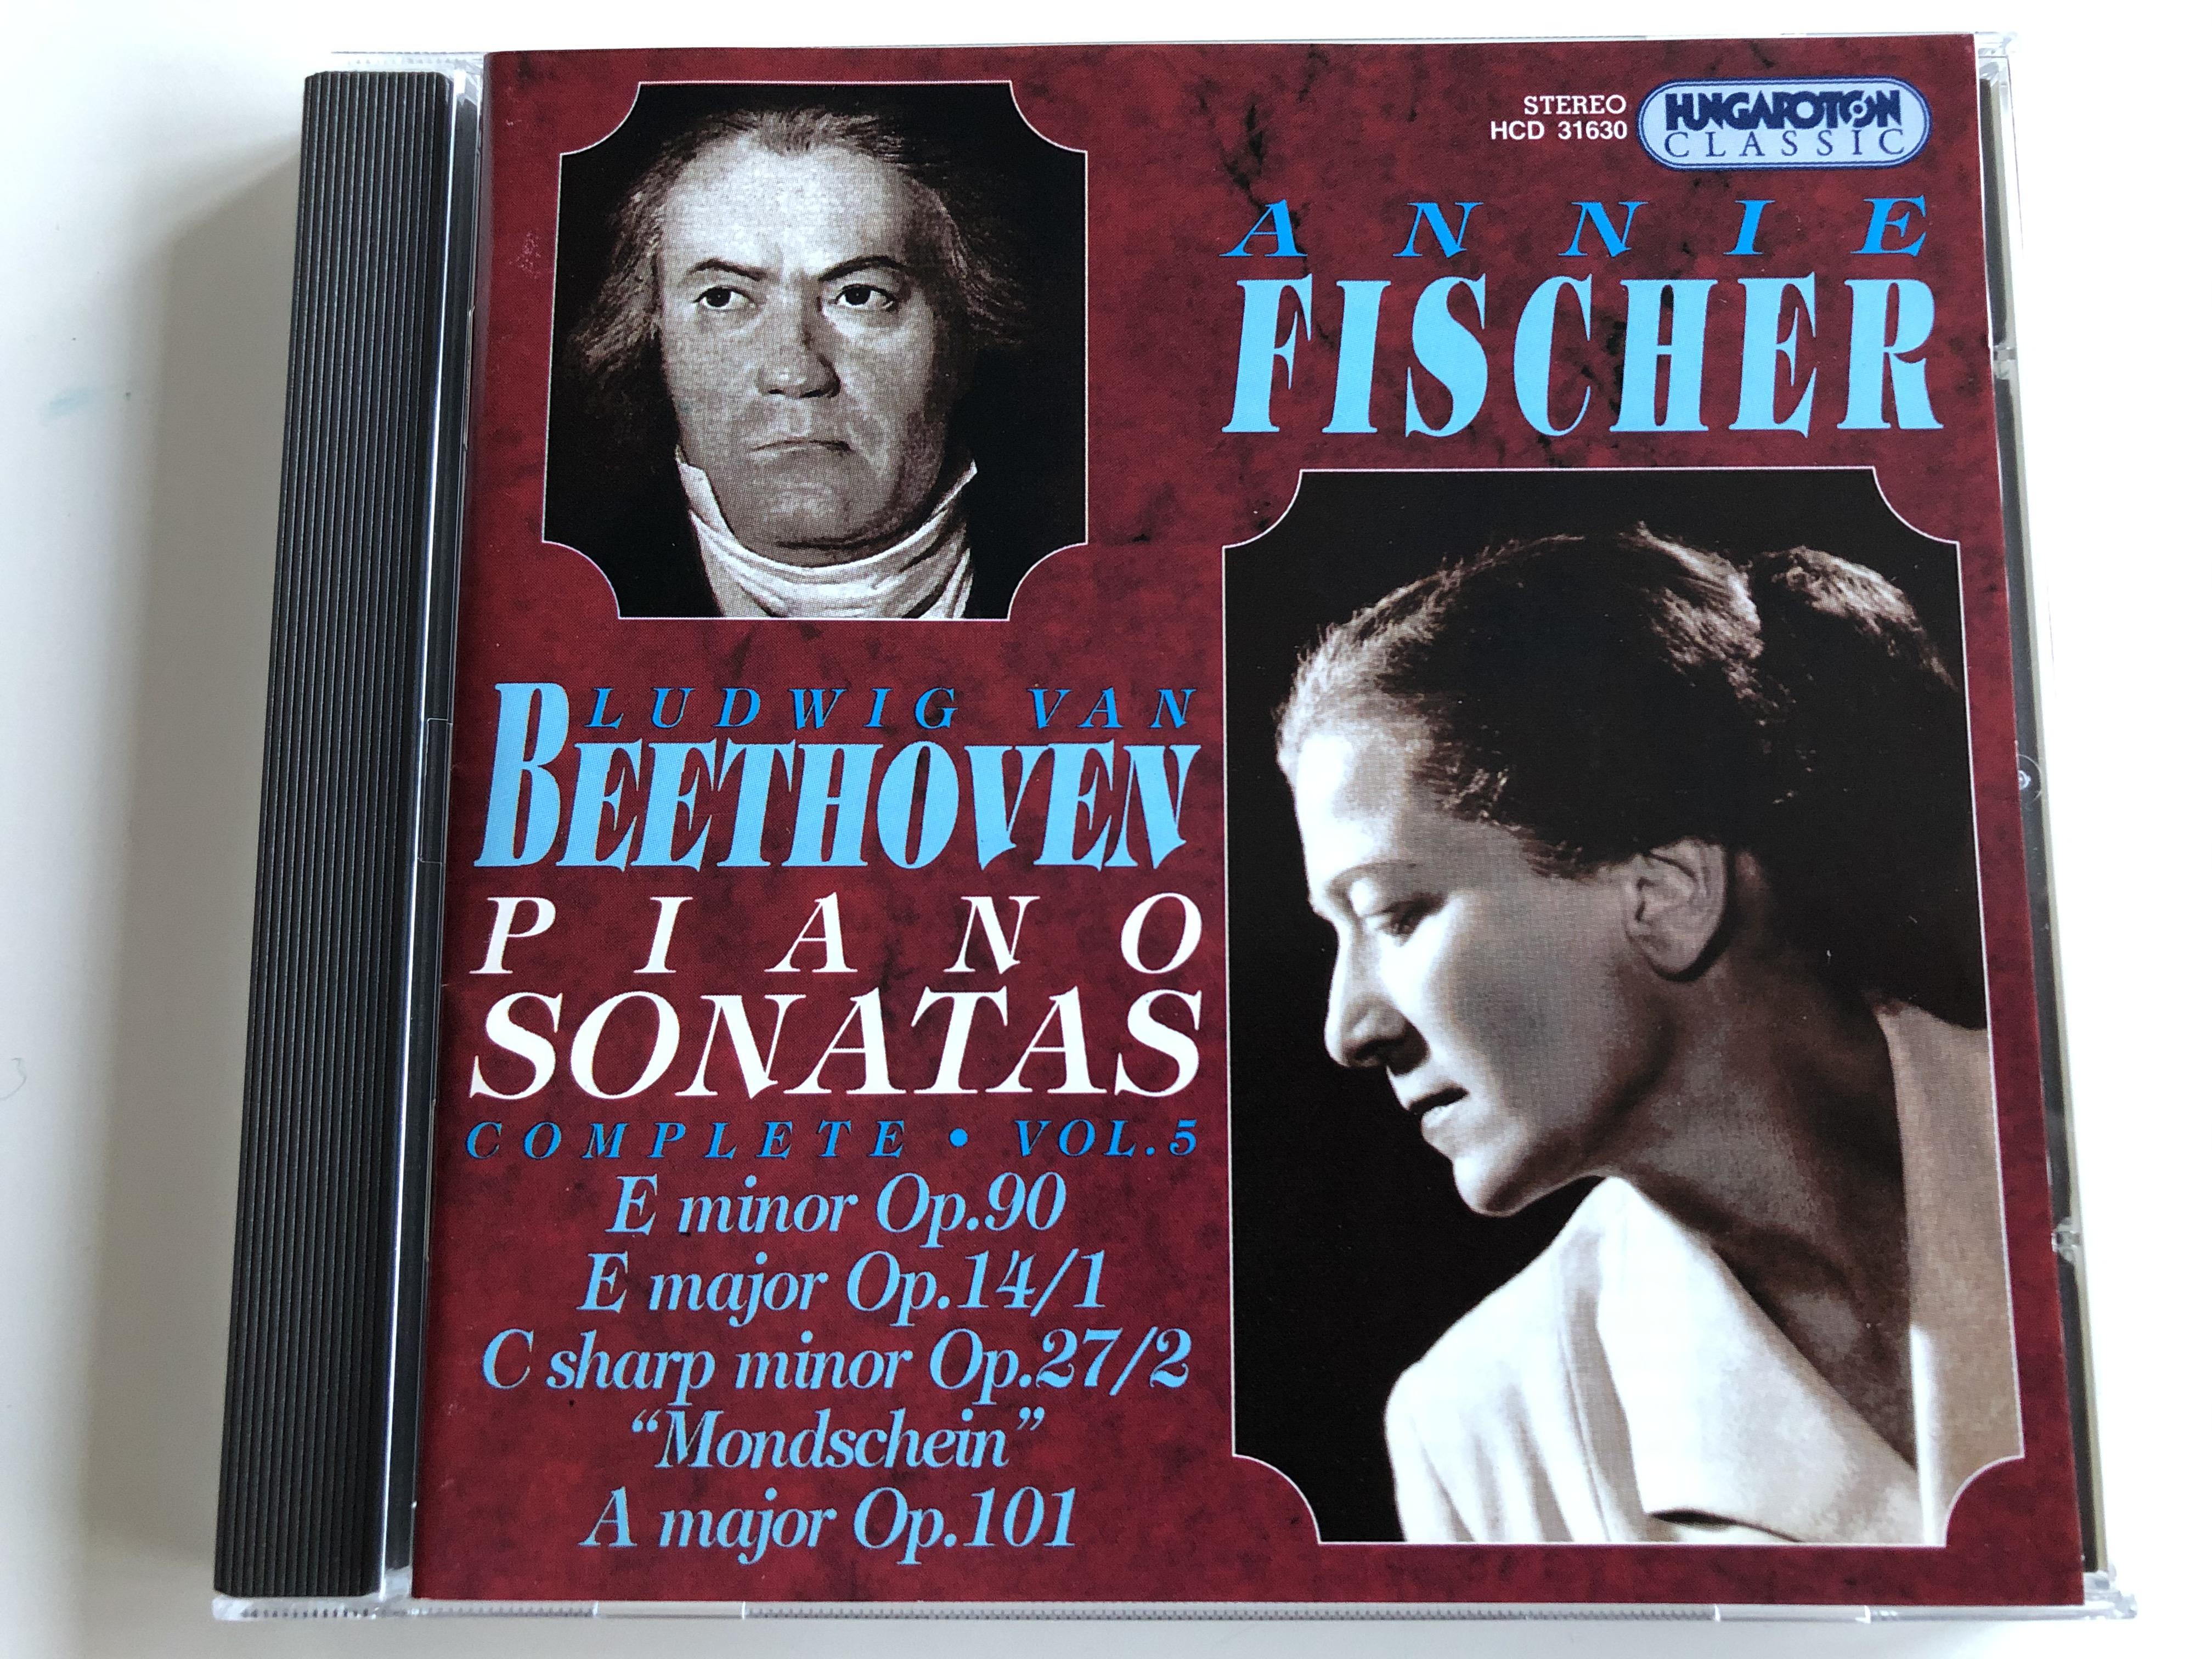 annie-fischer-ludwig-van-beethoven-piano-sonatas-complete-vol.-5-e-minor-op.-90-e-major-op.-141-c-sharp-minor-op.-272-mondschein-a-major-op.101-hungaroton-classic-audio-cd-1997-stereo-1-.jpg